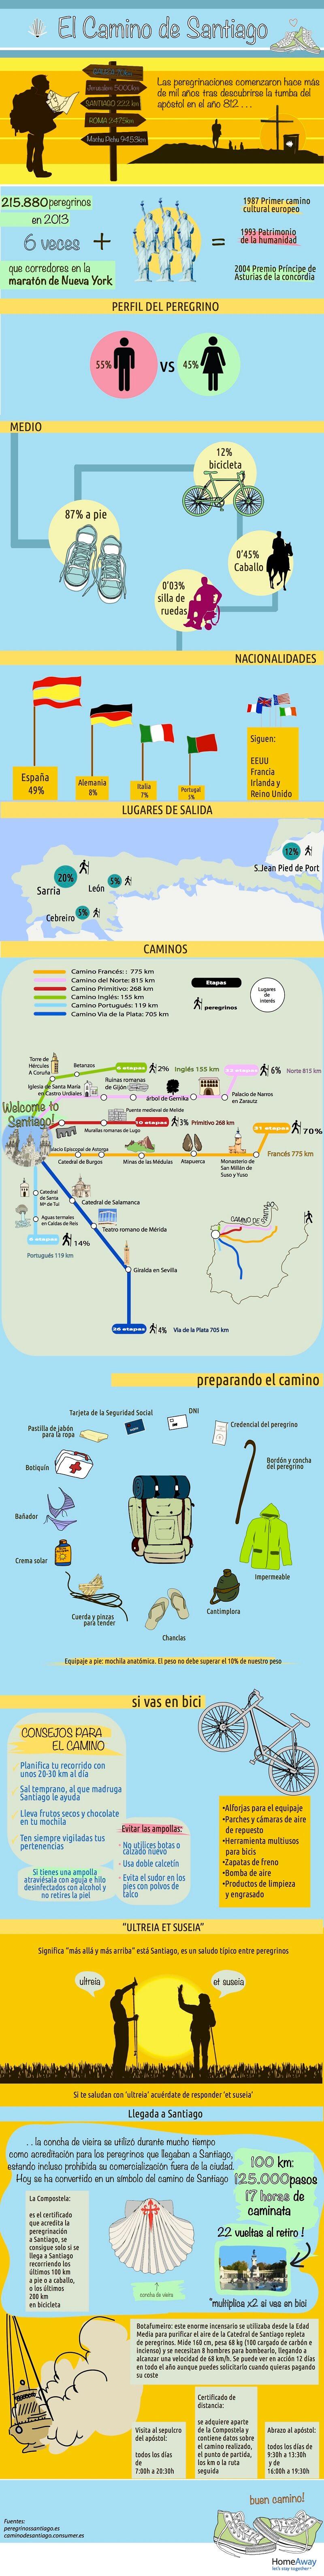 Información general sobre el Camino de Santiago